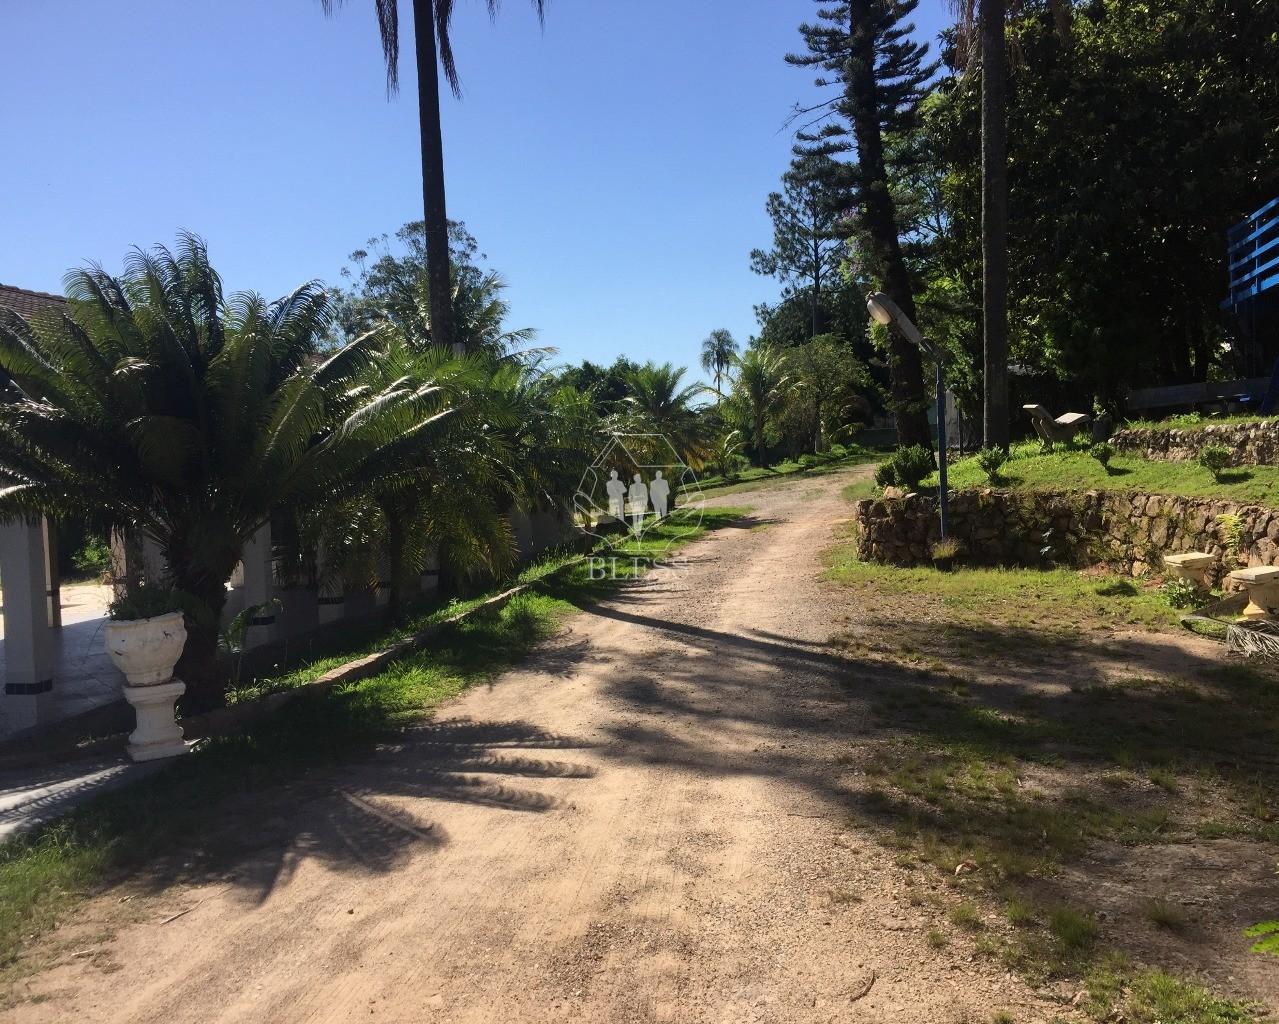 CHACARA RESIDENCIAL EM JUNDIAI - SP. MEDEIROS